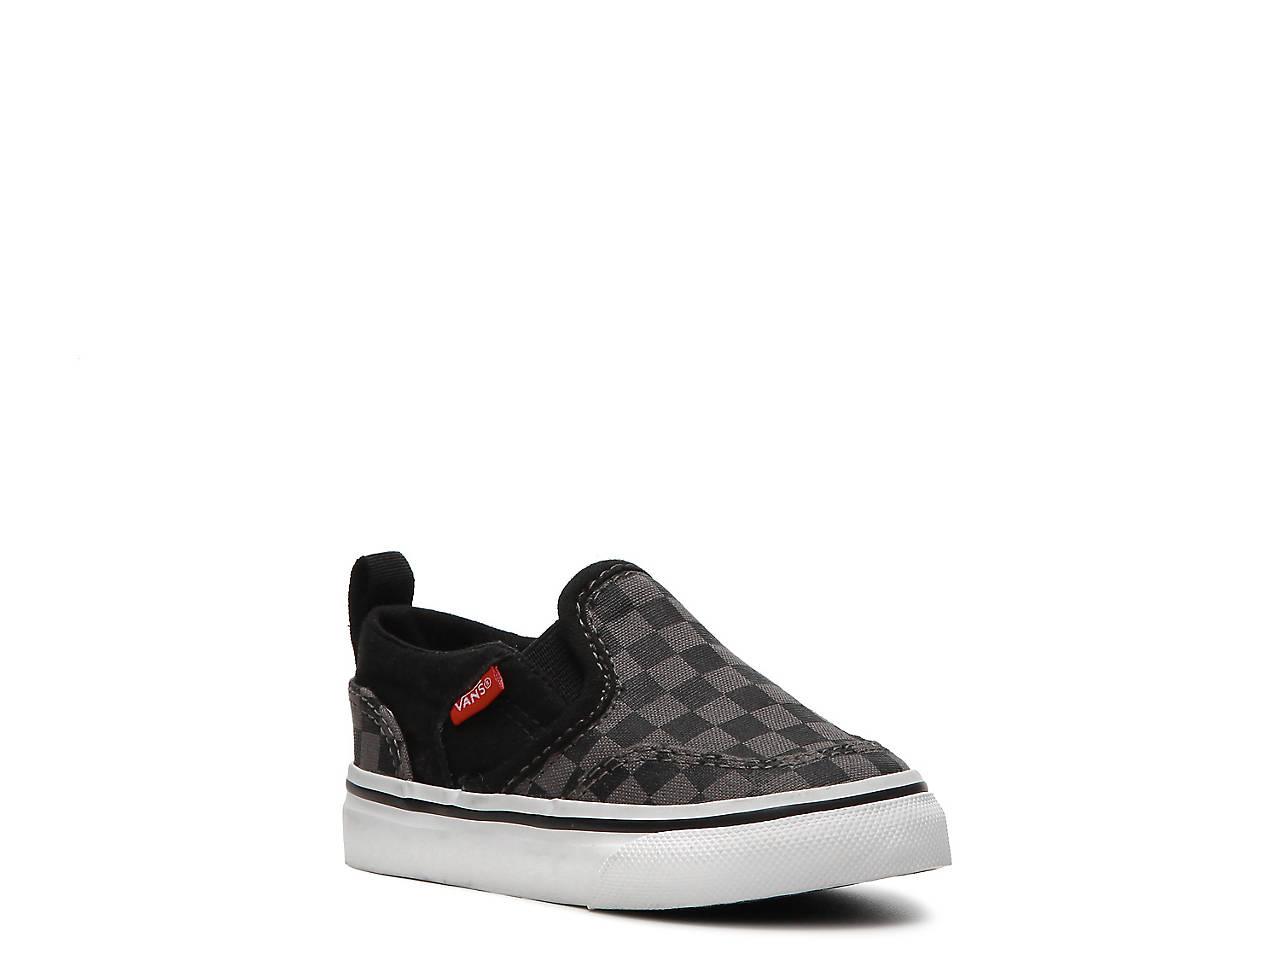 8cd584c0dd9bda Vans Asher Infant   Toddler Slip-On Sneaker Kids Shoes